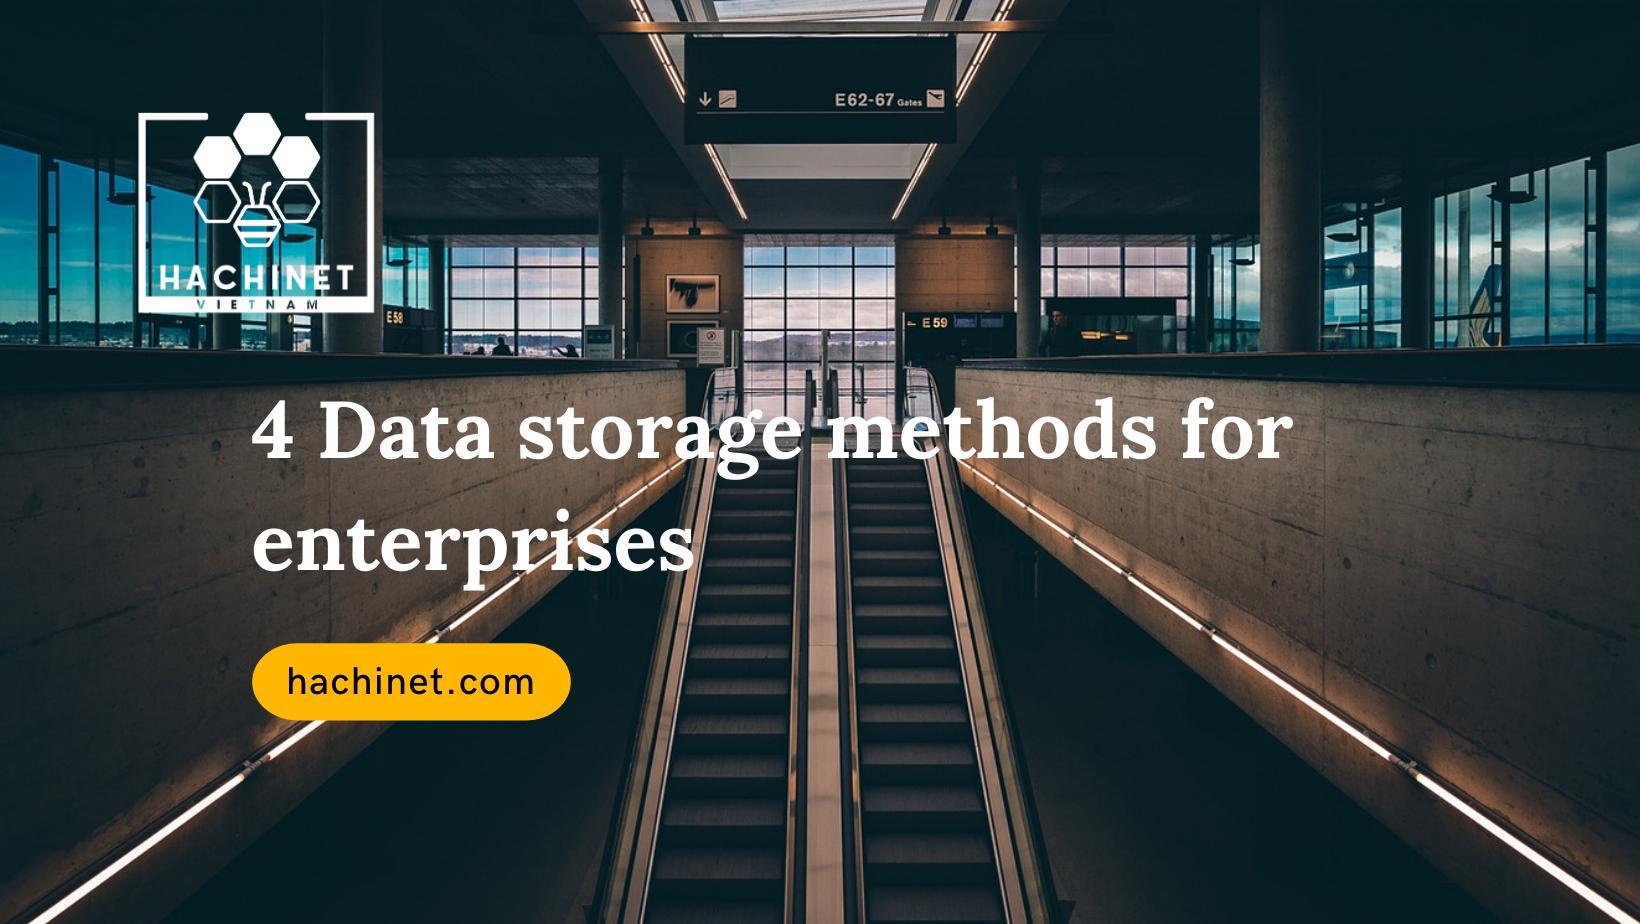 4 Data storage methods for enterprises